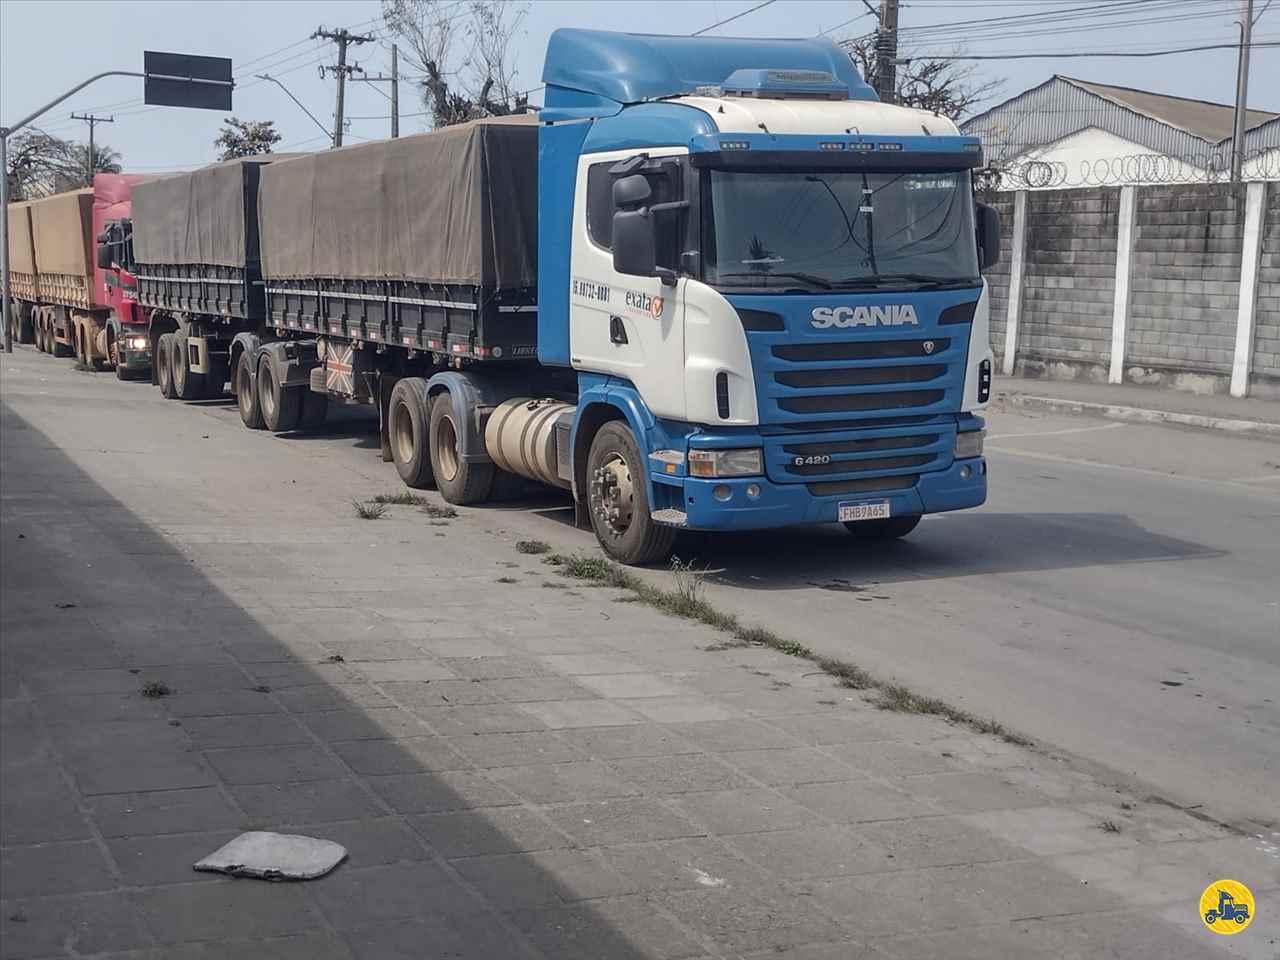 CAMINHAO SCANIA SCANIA 420 Cavalo Mecânico Truck 6x2 Agua Clara Caminhões ITAPEVA SÃO PAULO SP